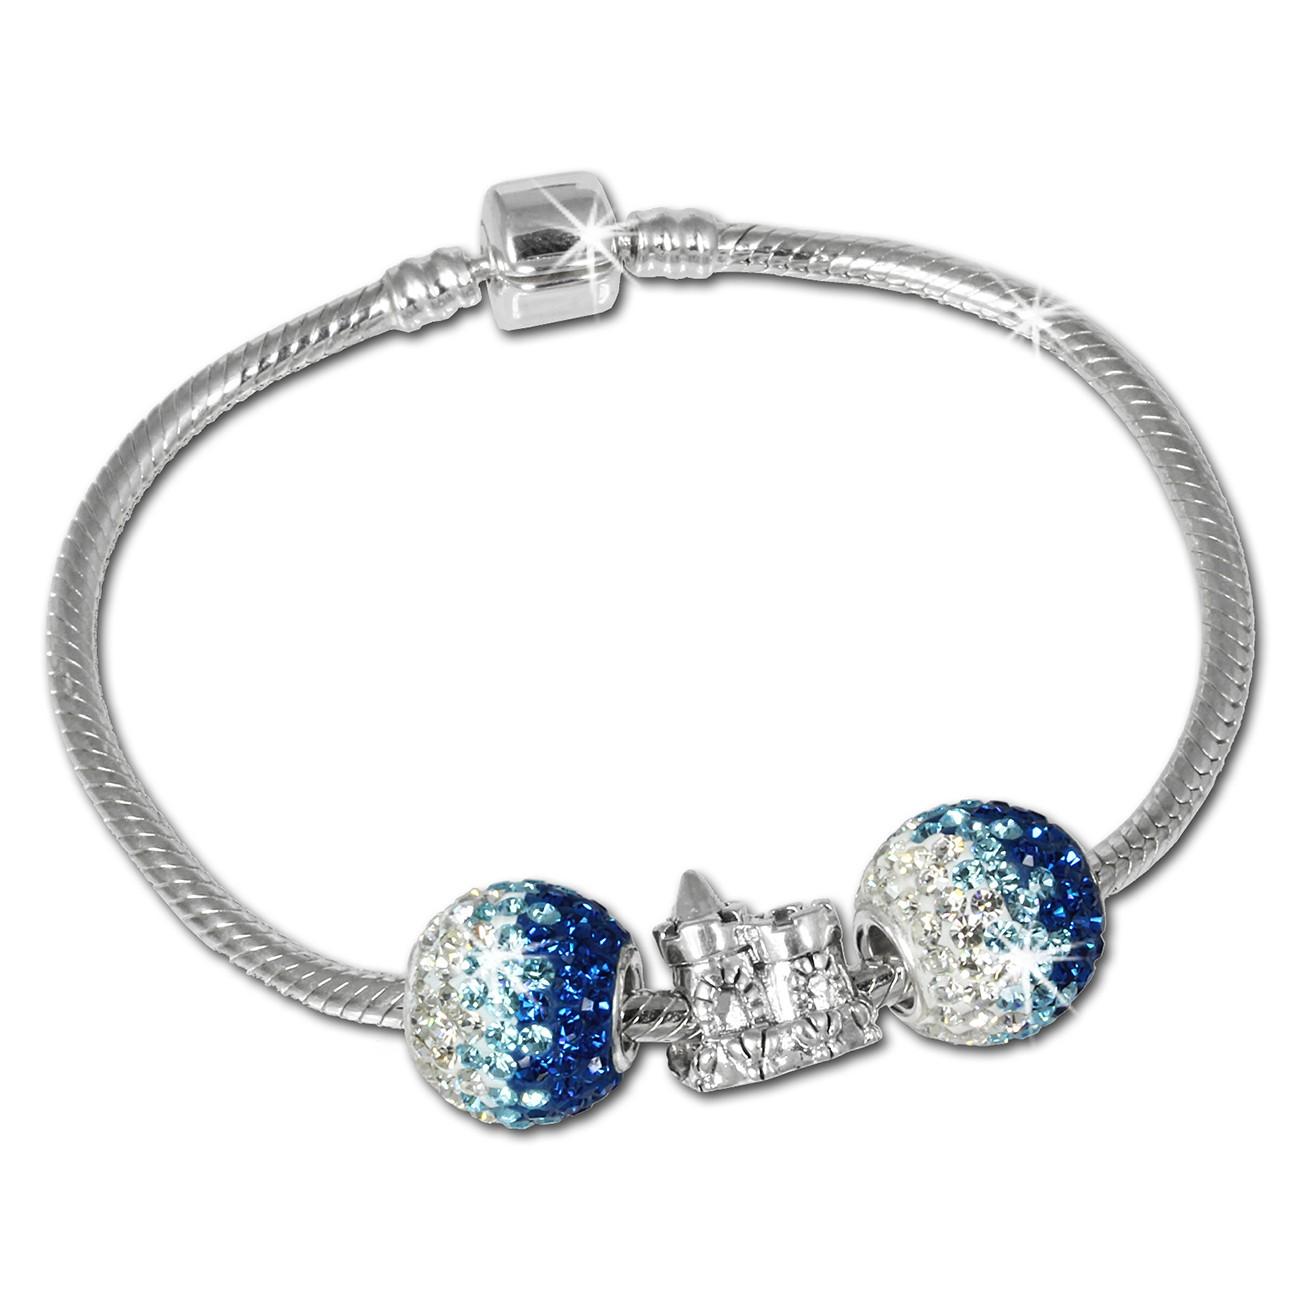 IMPPAC Komplett Armband + 3 Beads 925er Silber European Bead SBS005